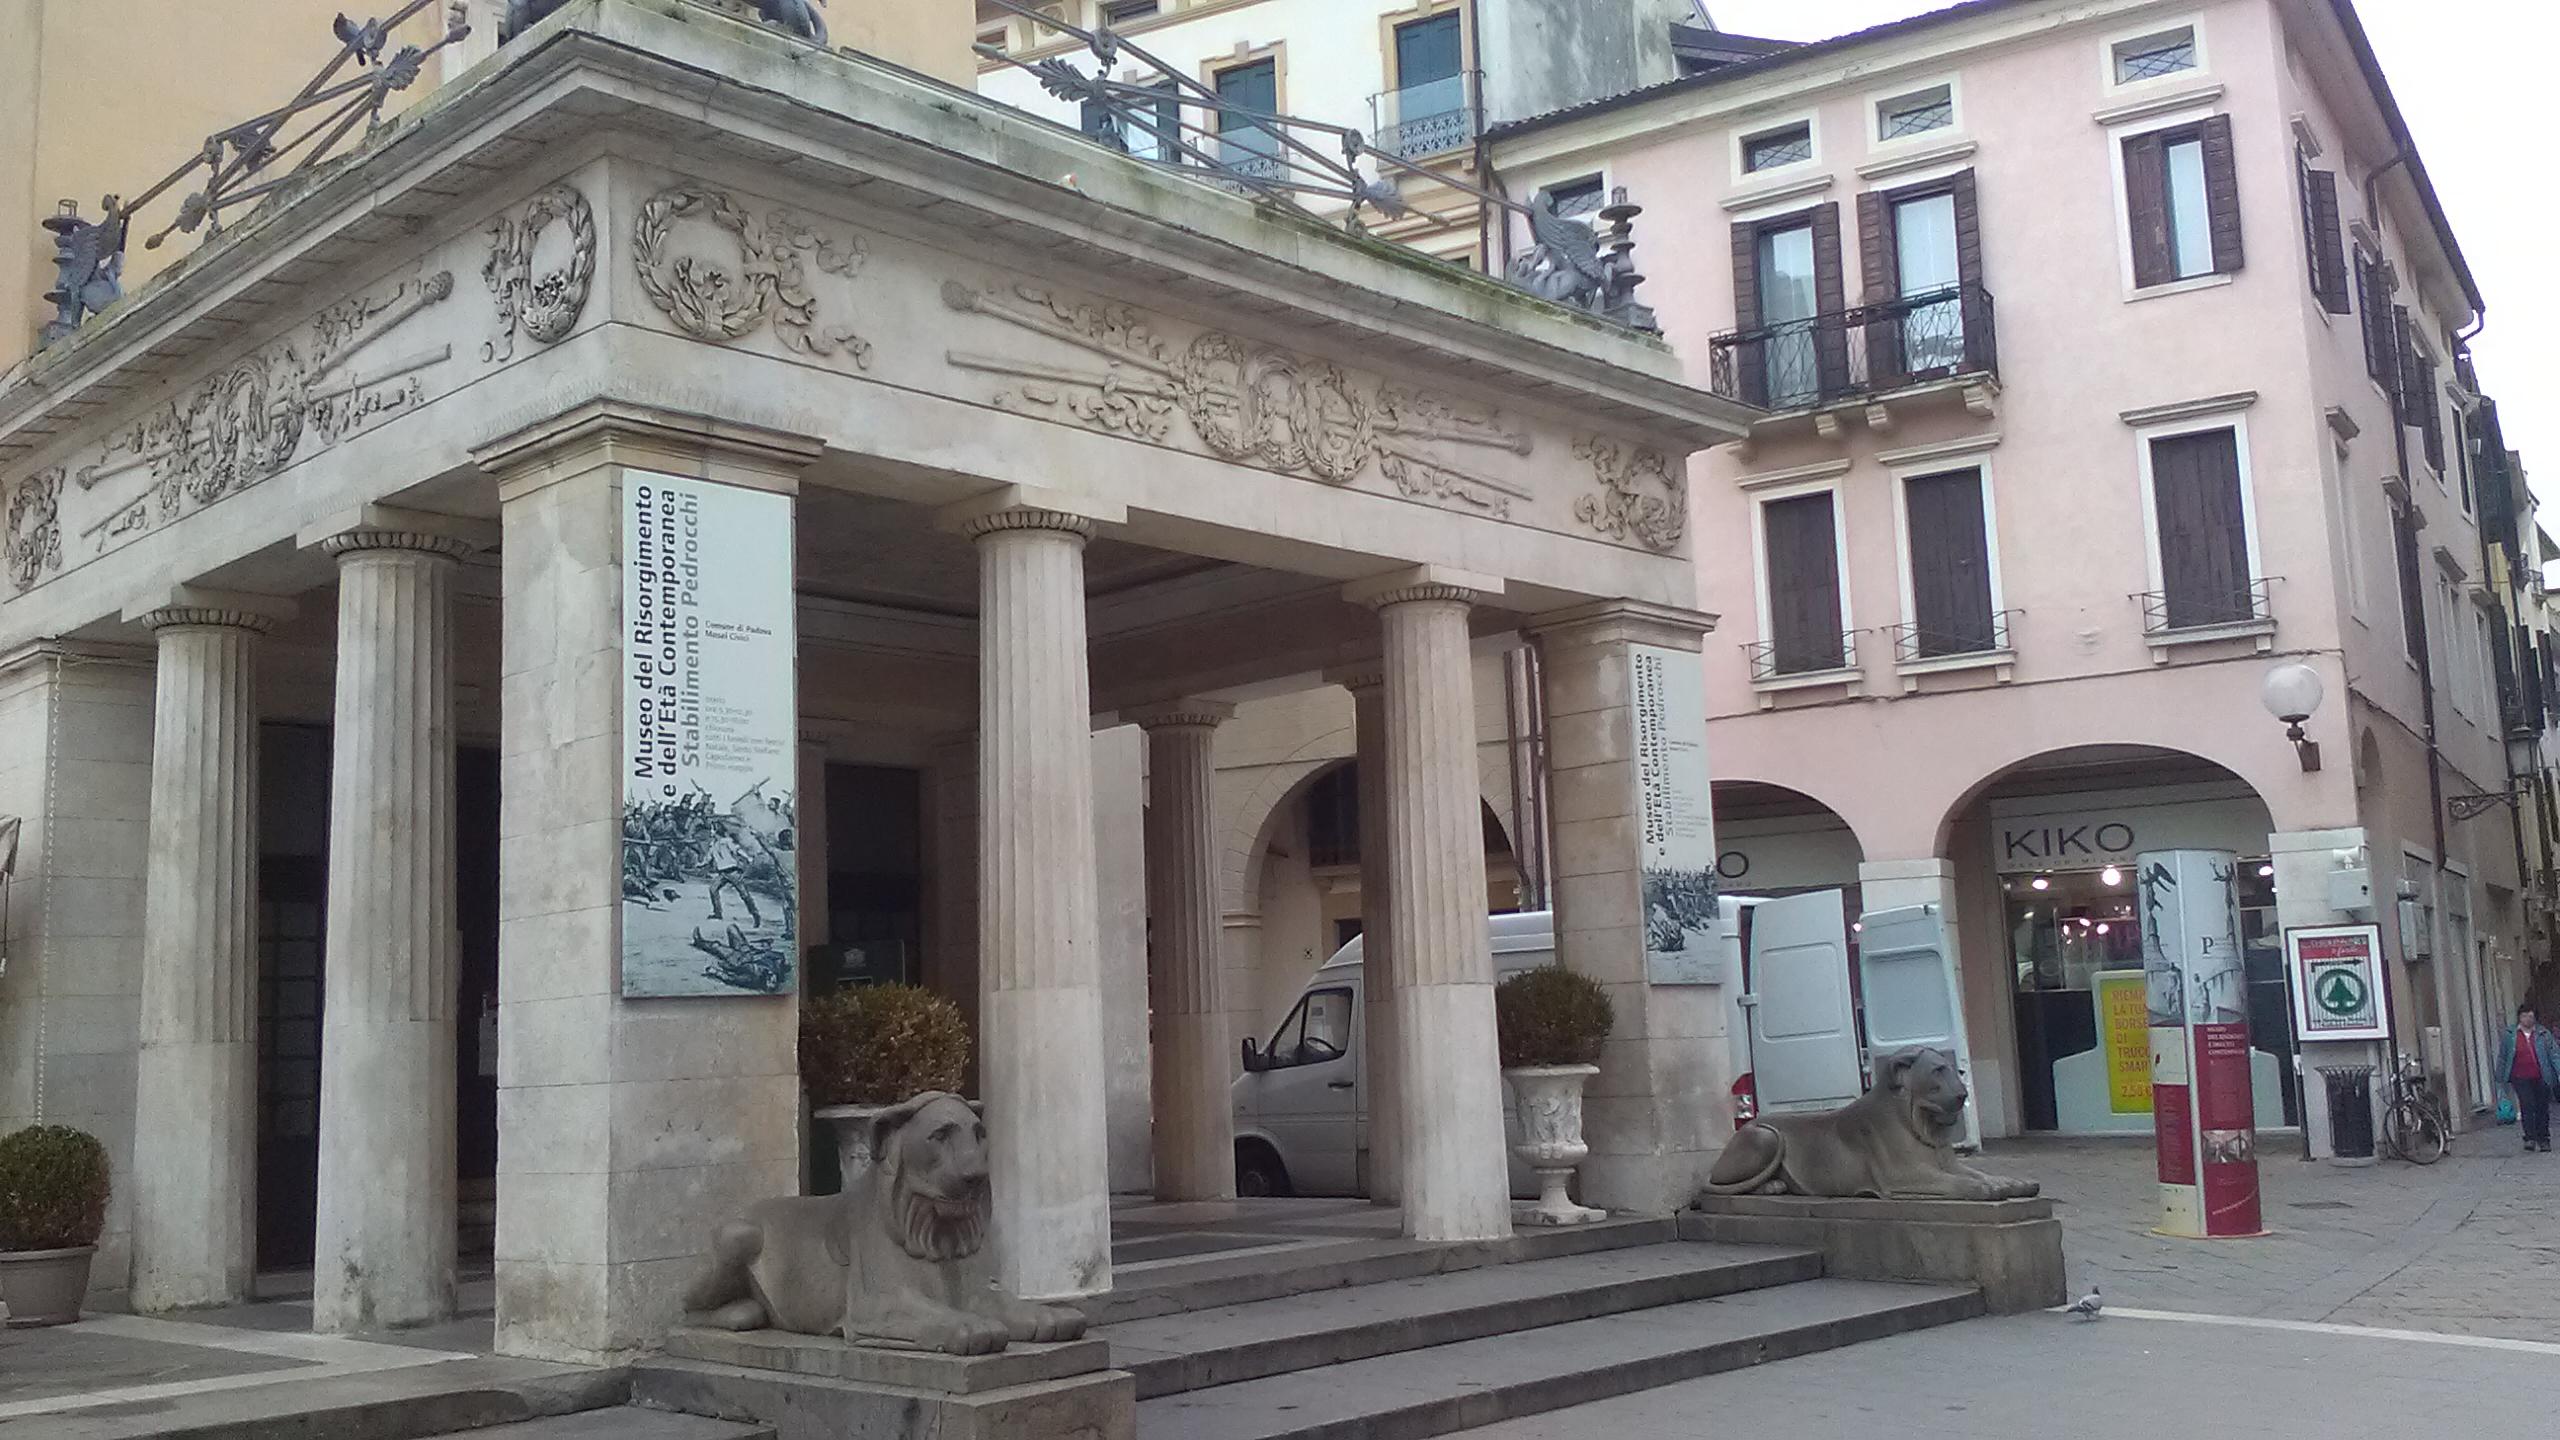 Museo Del Risorgimento.File Museo Del Risorgimento E Dell Eta Contemporanea Padova Jpg